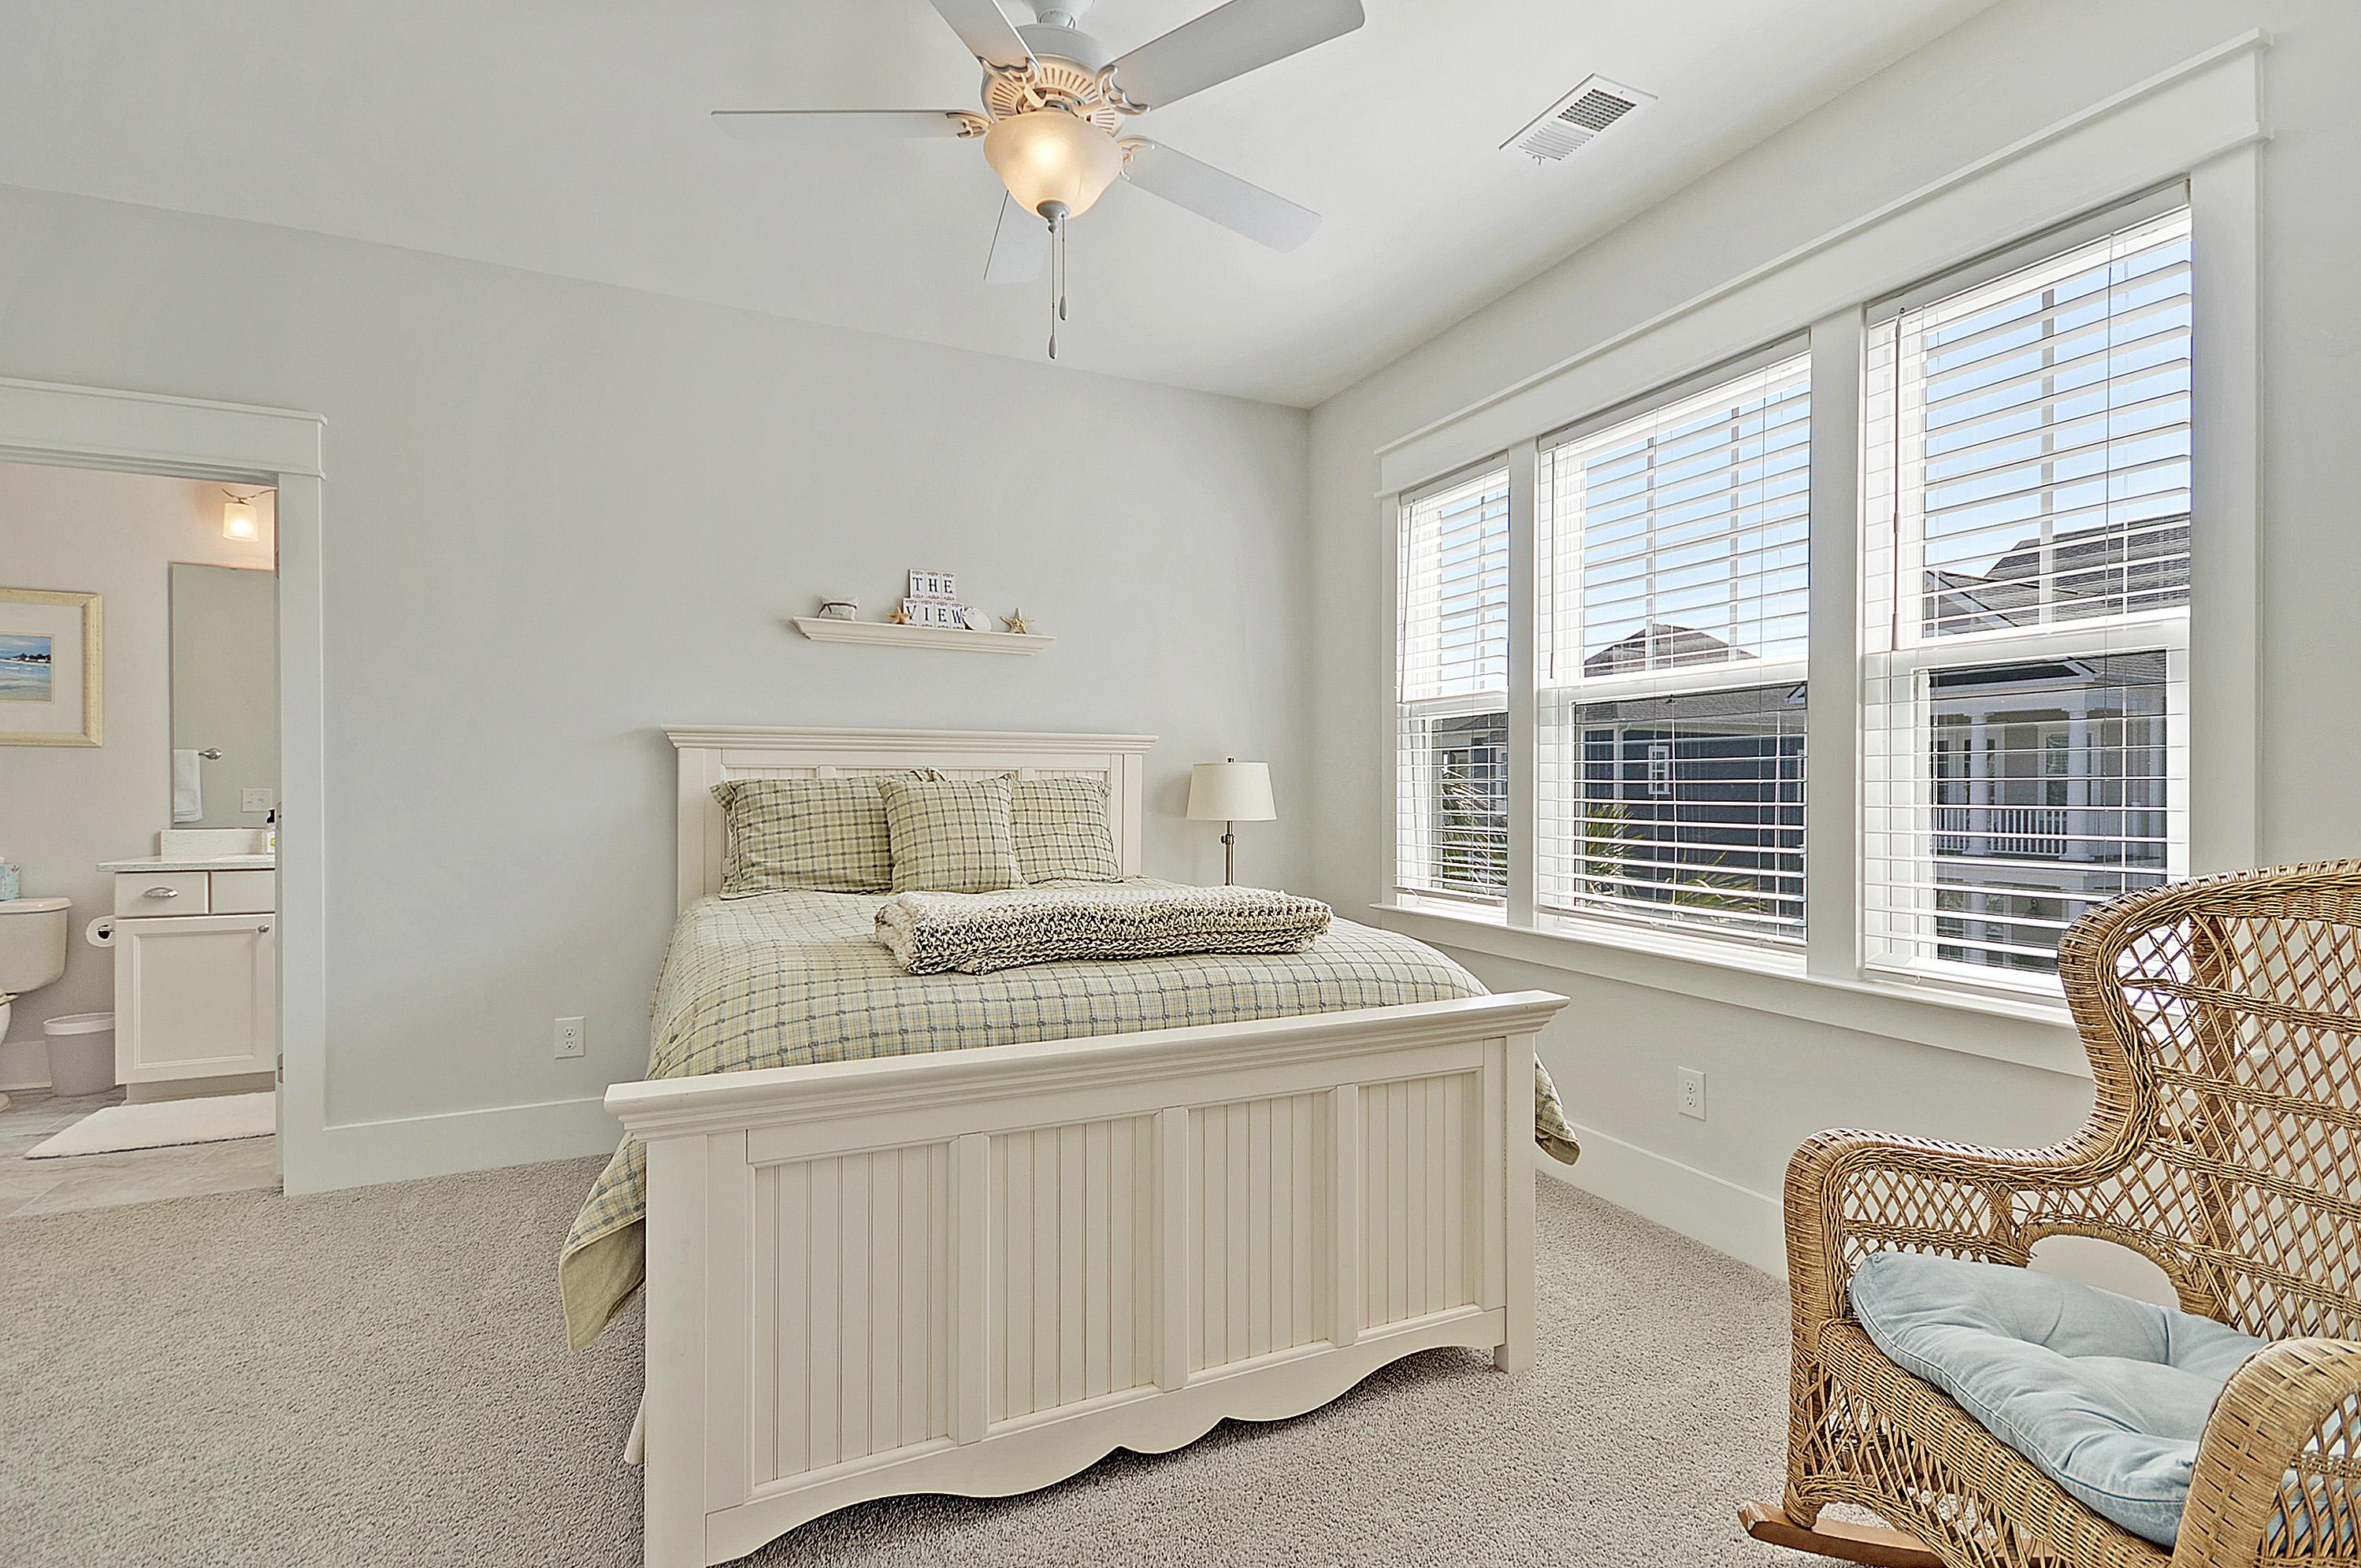 Dunes West Homes For Sale - 2927 Eddy, Mount Pleasant, SC - 13